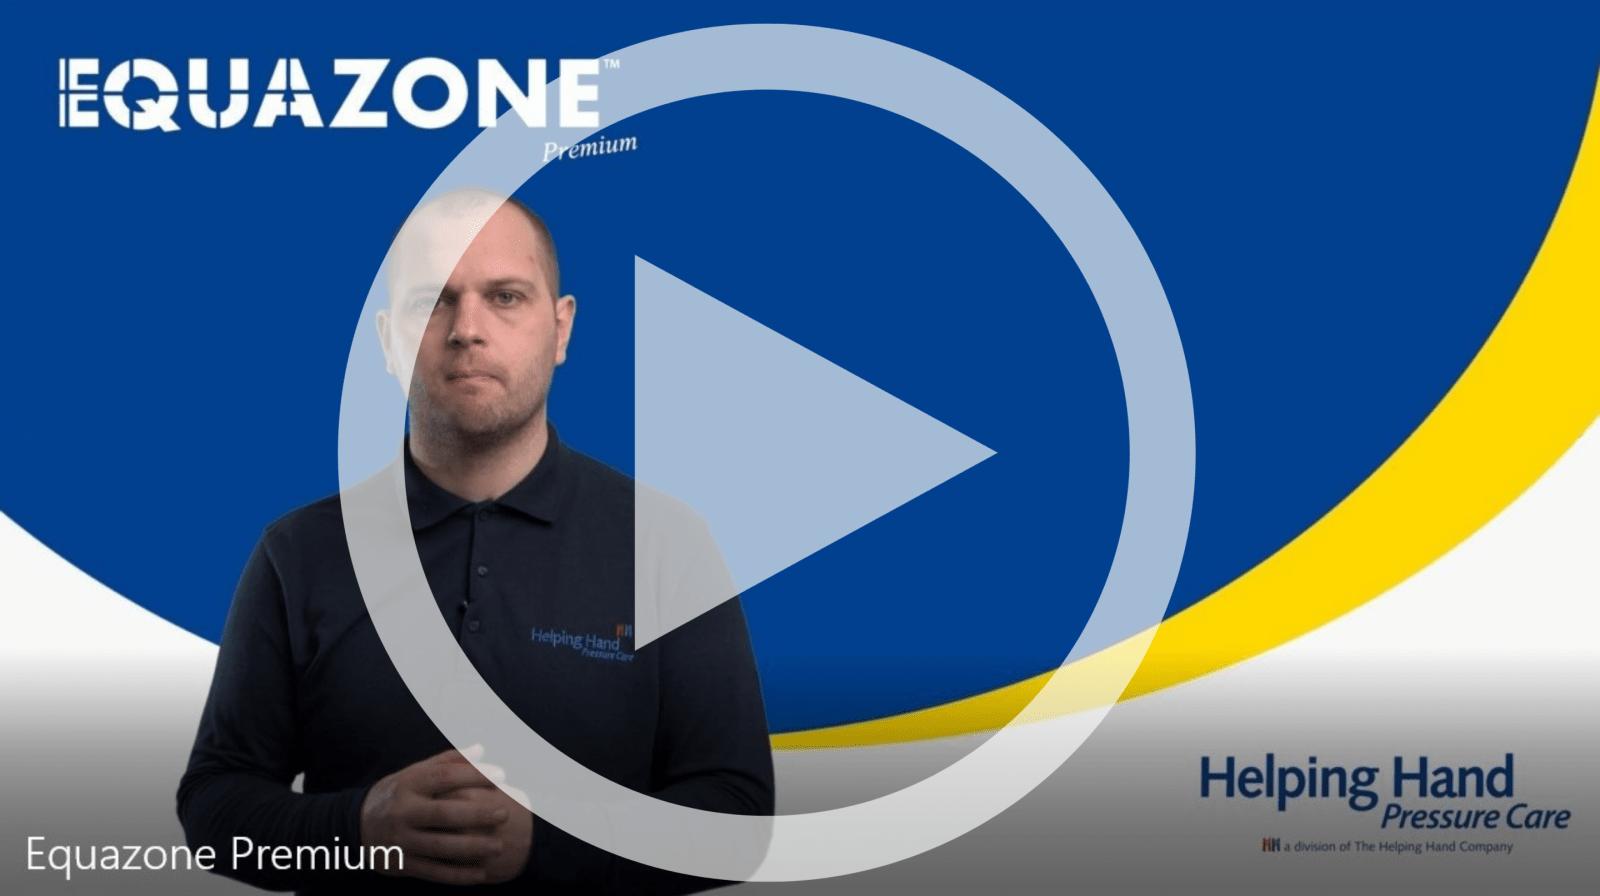 Equazone Premium Air Cushion Wheelchair Pressure Cushion High Risk